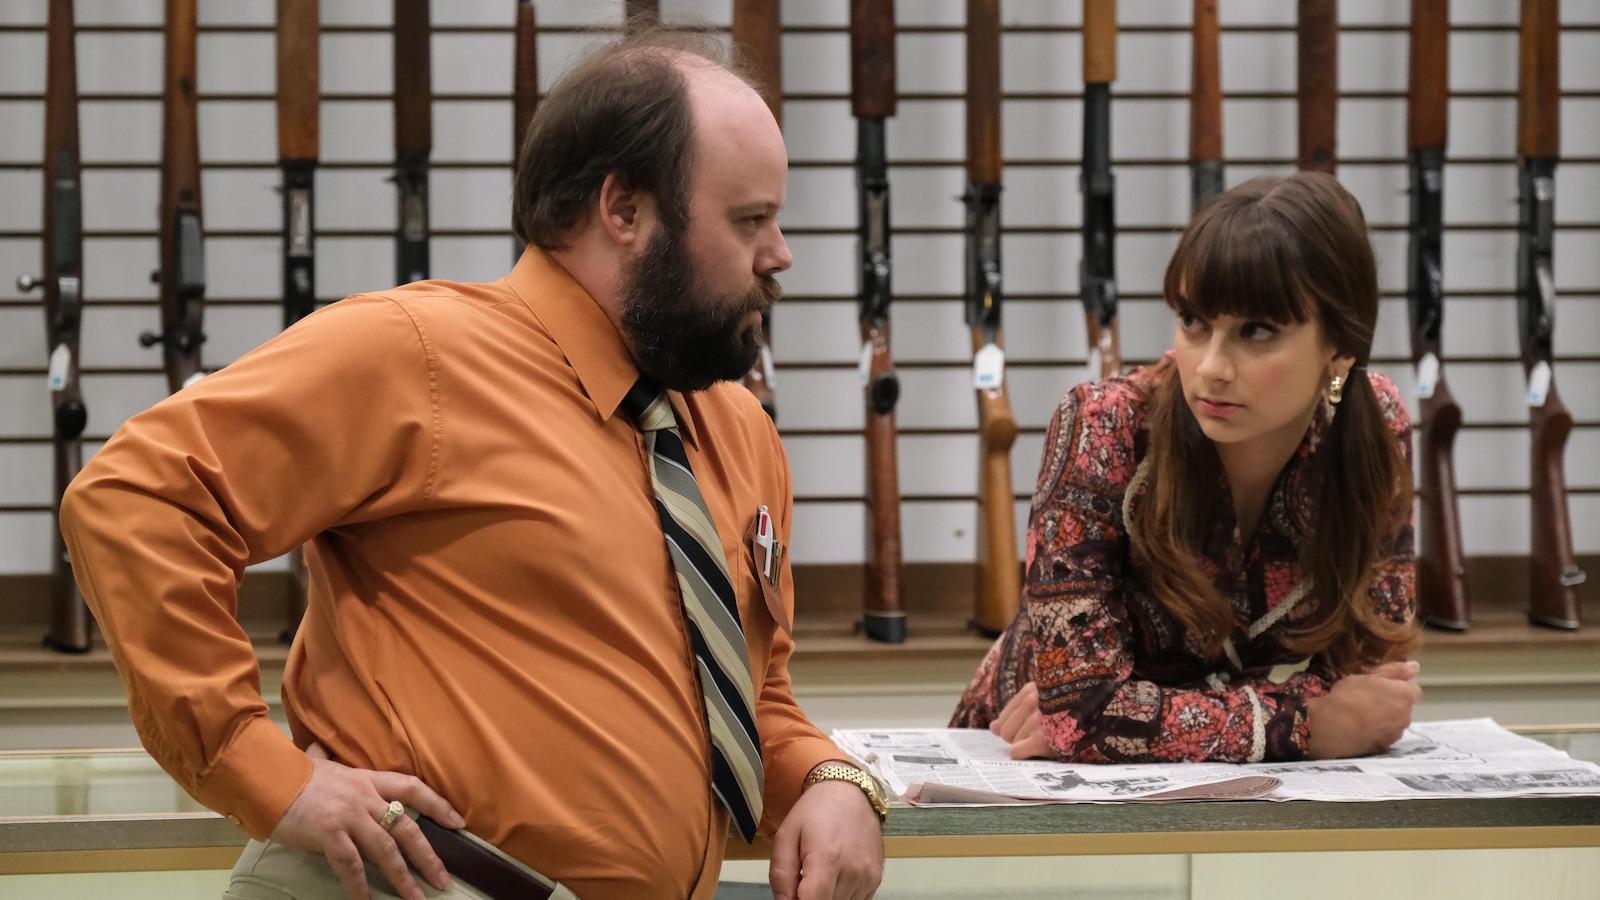 Les deux personnages sont dans un magasin d'armes à feu.